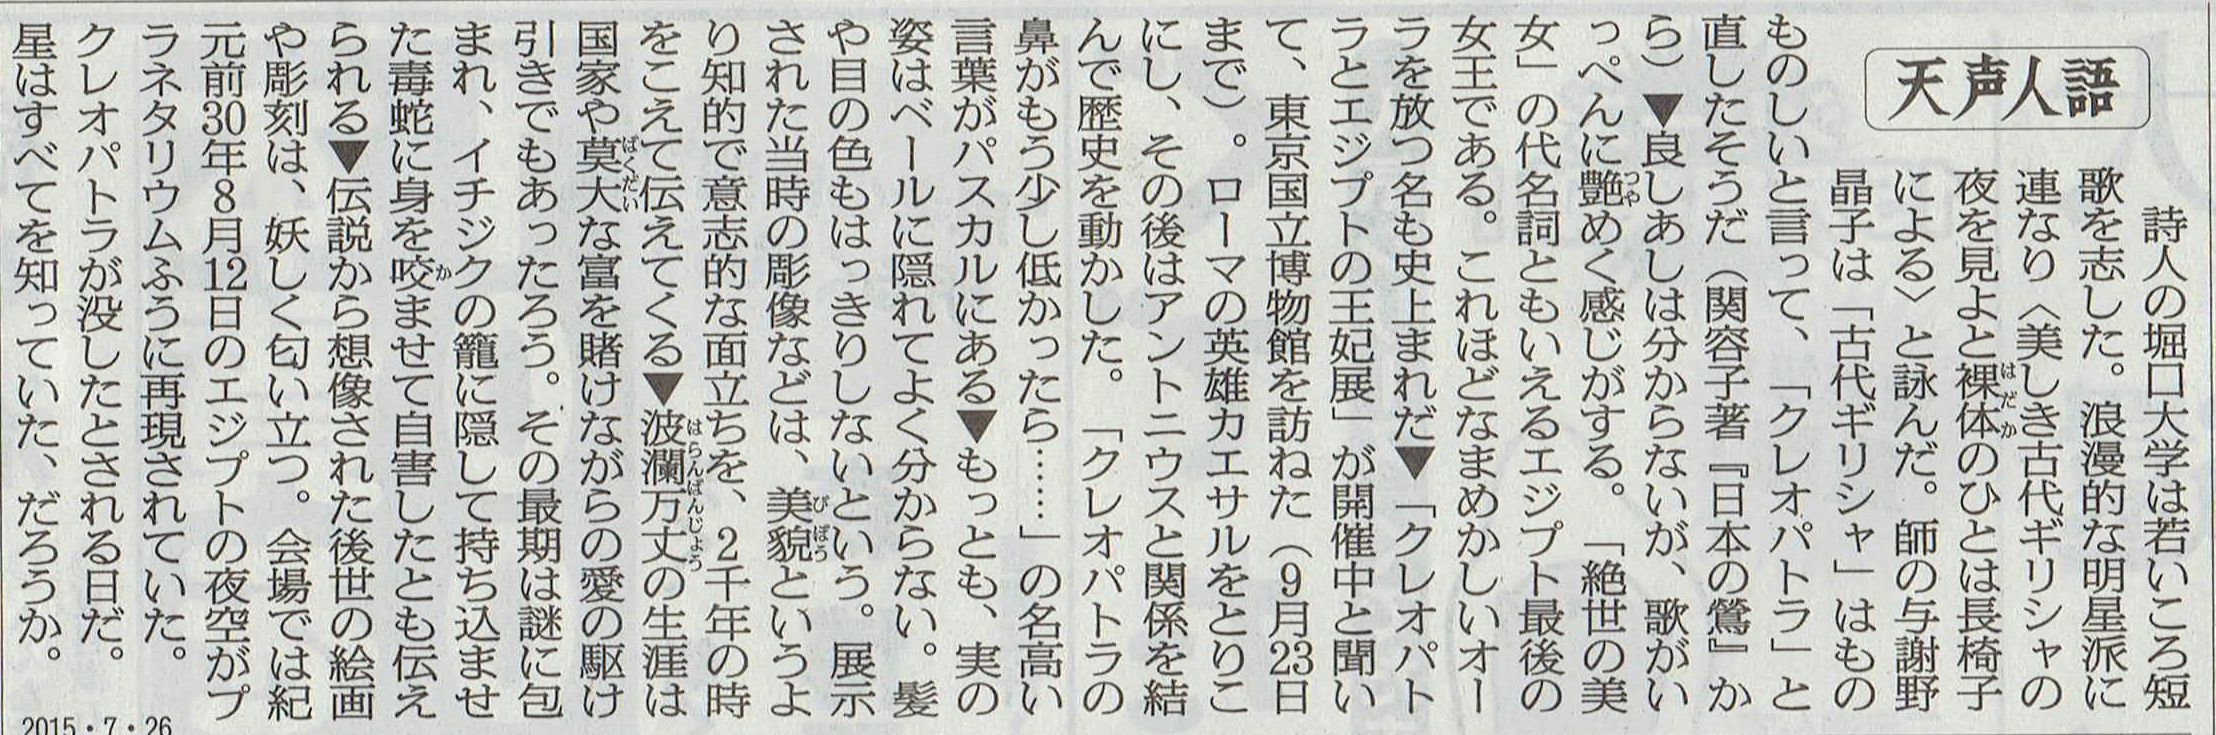 2015年7月26日前期「口承研究Ⅰ」第15回まとめ・敗戦70年その7_d0249595_5494877.jpg